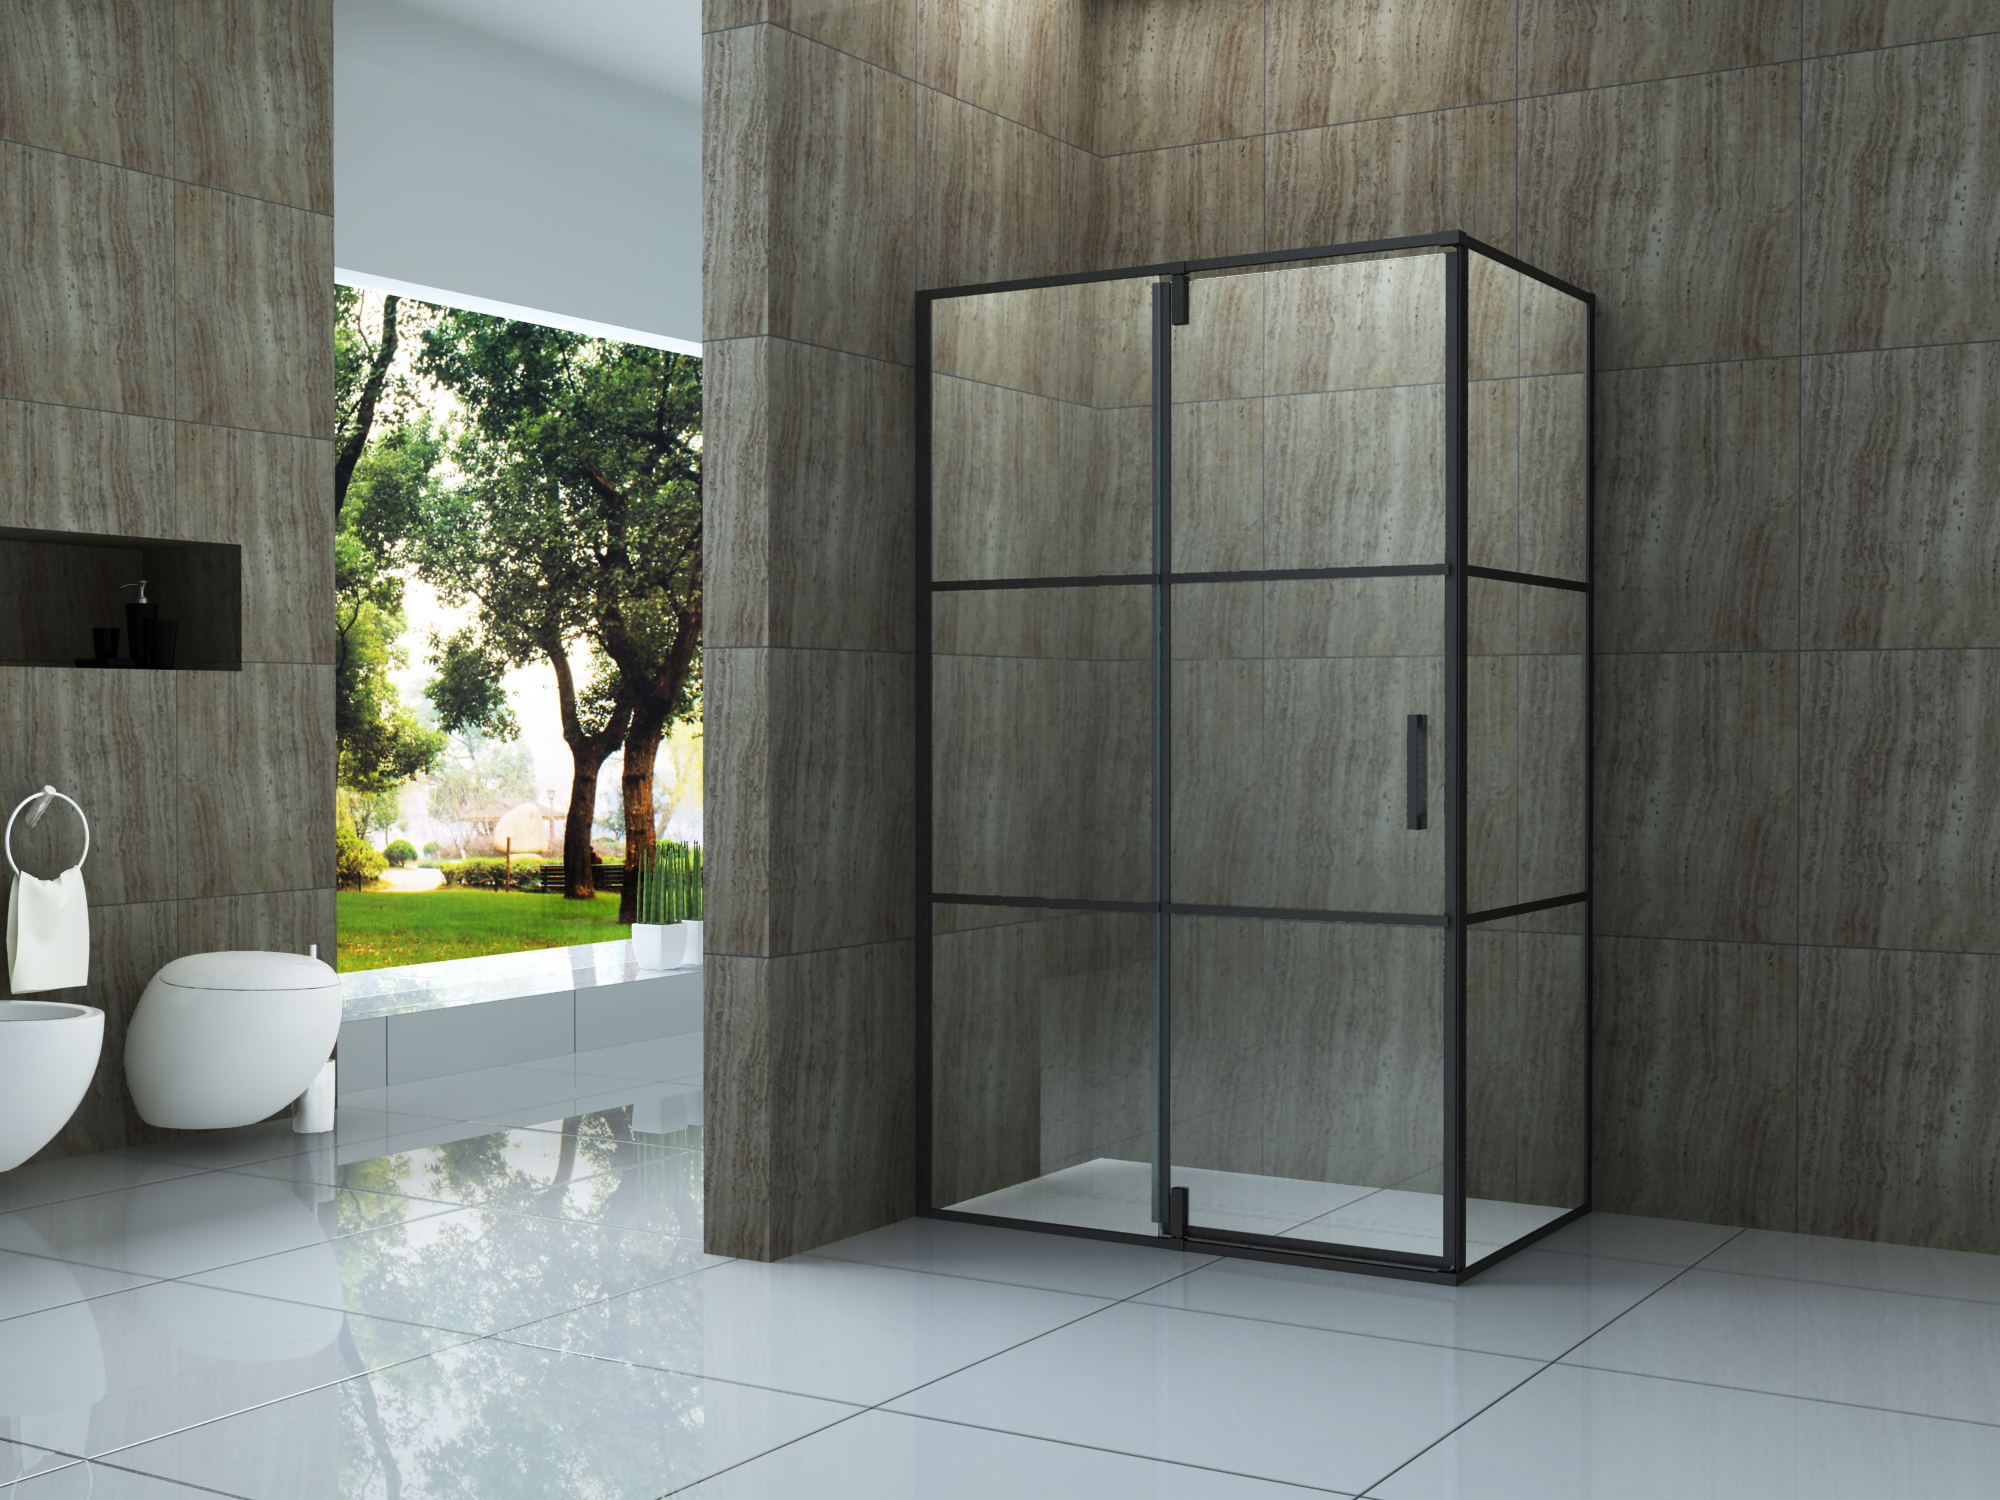 Duschkabine Creato 120 x 80 x 195 cm ohne Duschtasse